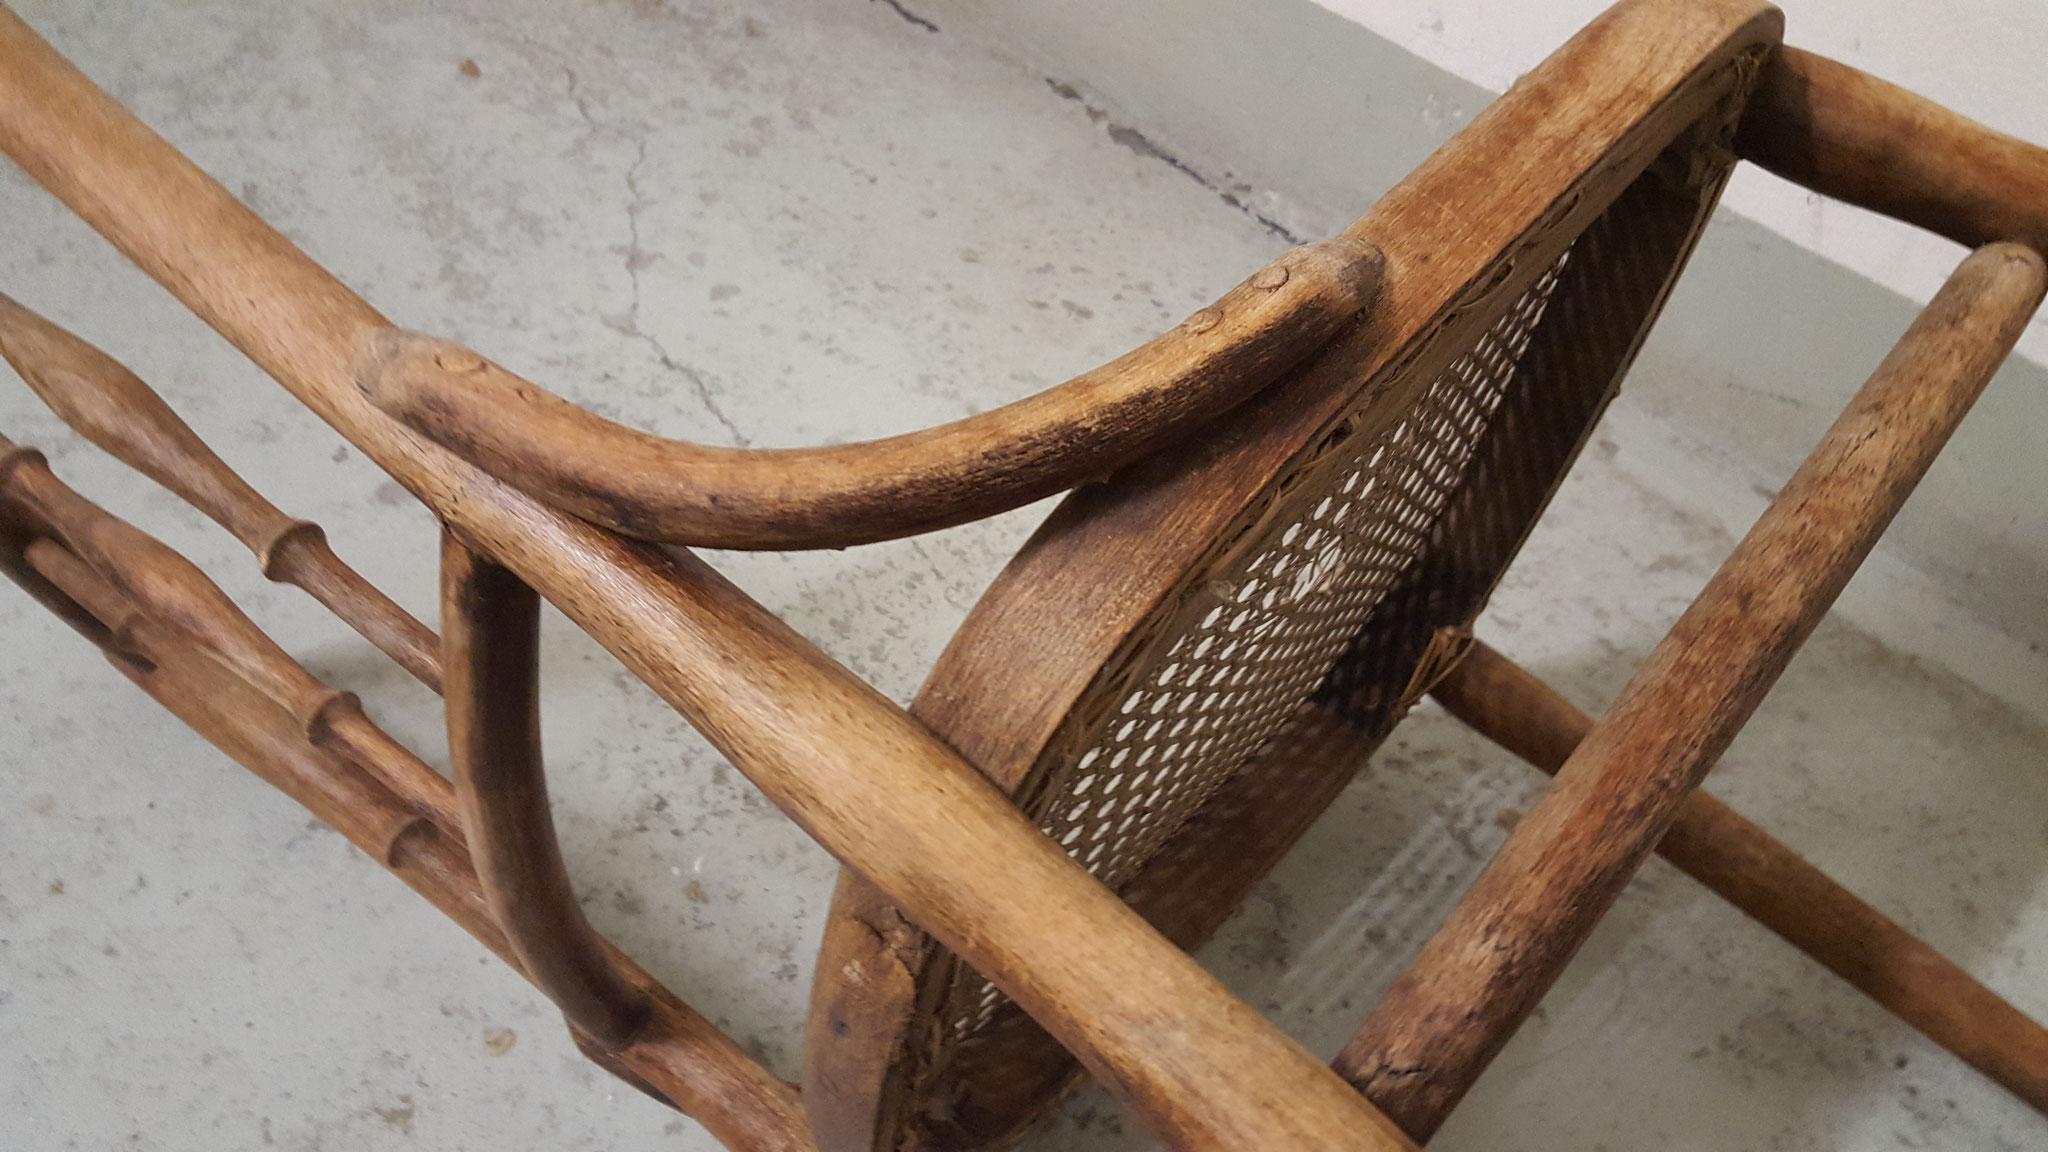 Die Farbe des Stuhls ist sehr schön